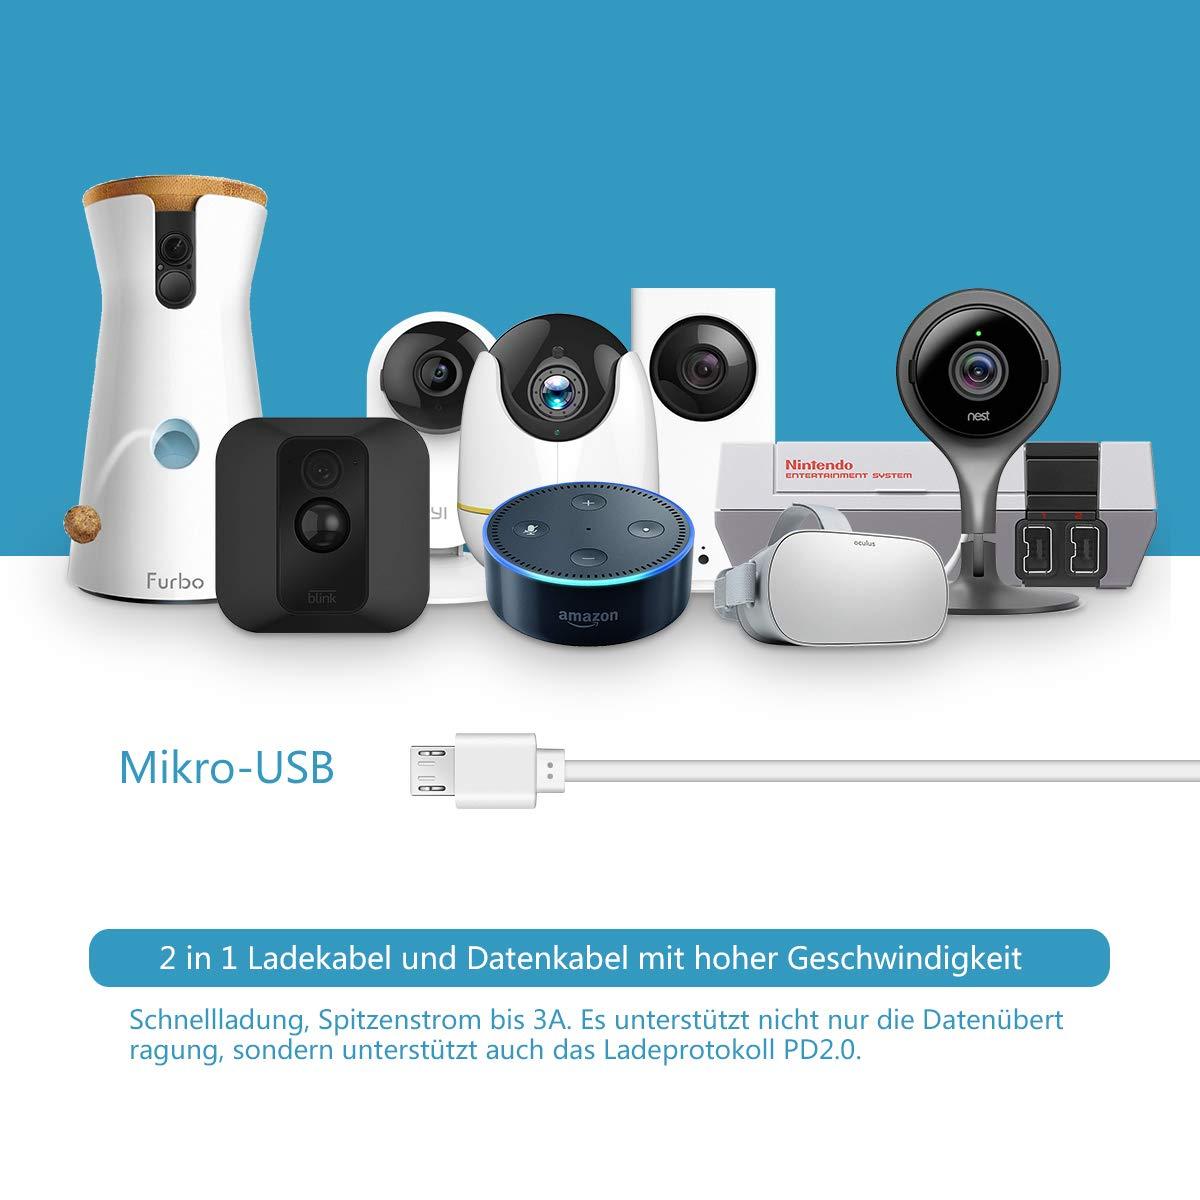 Cable Micro USB,Cable de Extensión de Alimentación LANMU para Wyze Cam Pan, Cámara Yi,Echo Dot,Nest Cam,Netvue,Super NES Classic, Furbo Dog,Oculus Go,Blink ...